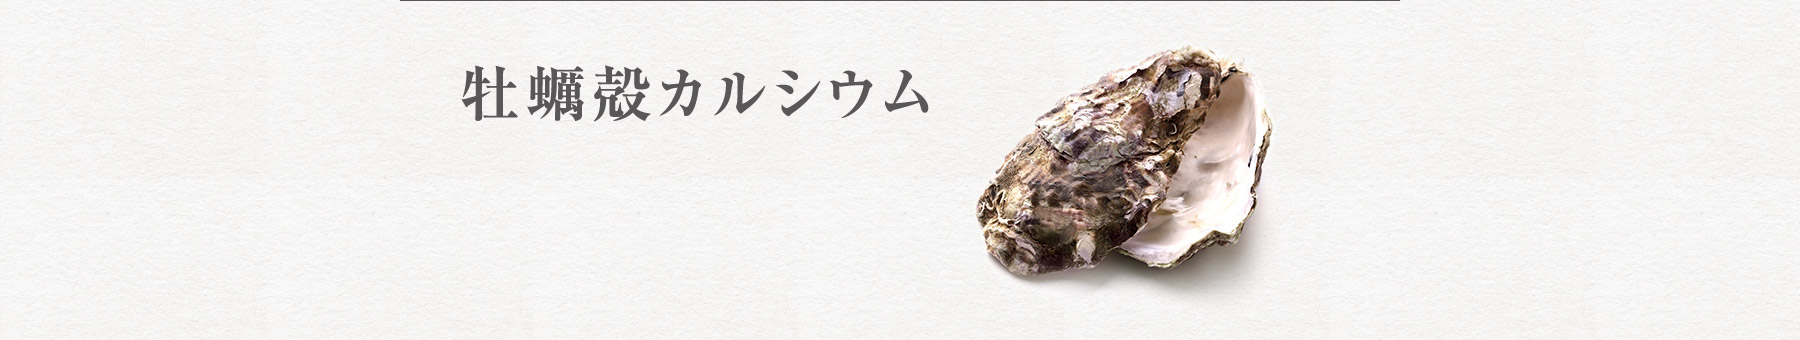 牡蠣殻カルシウム